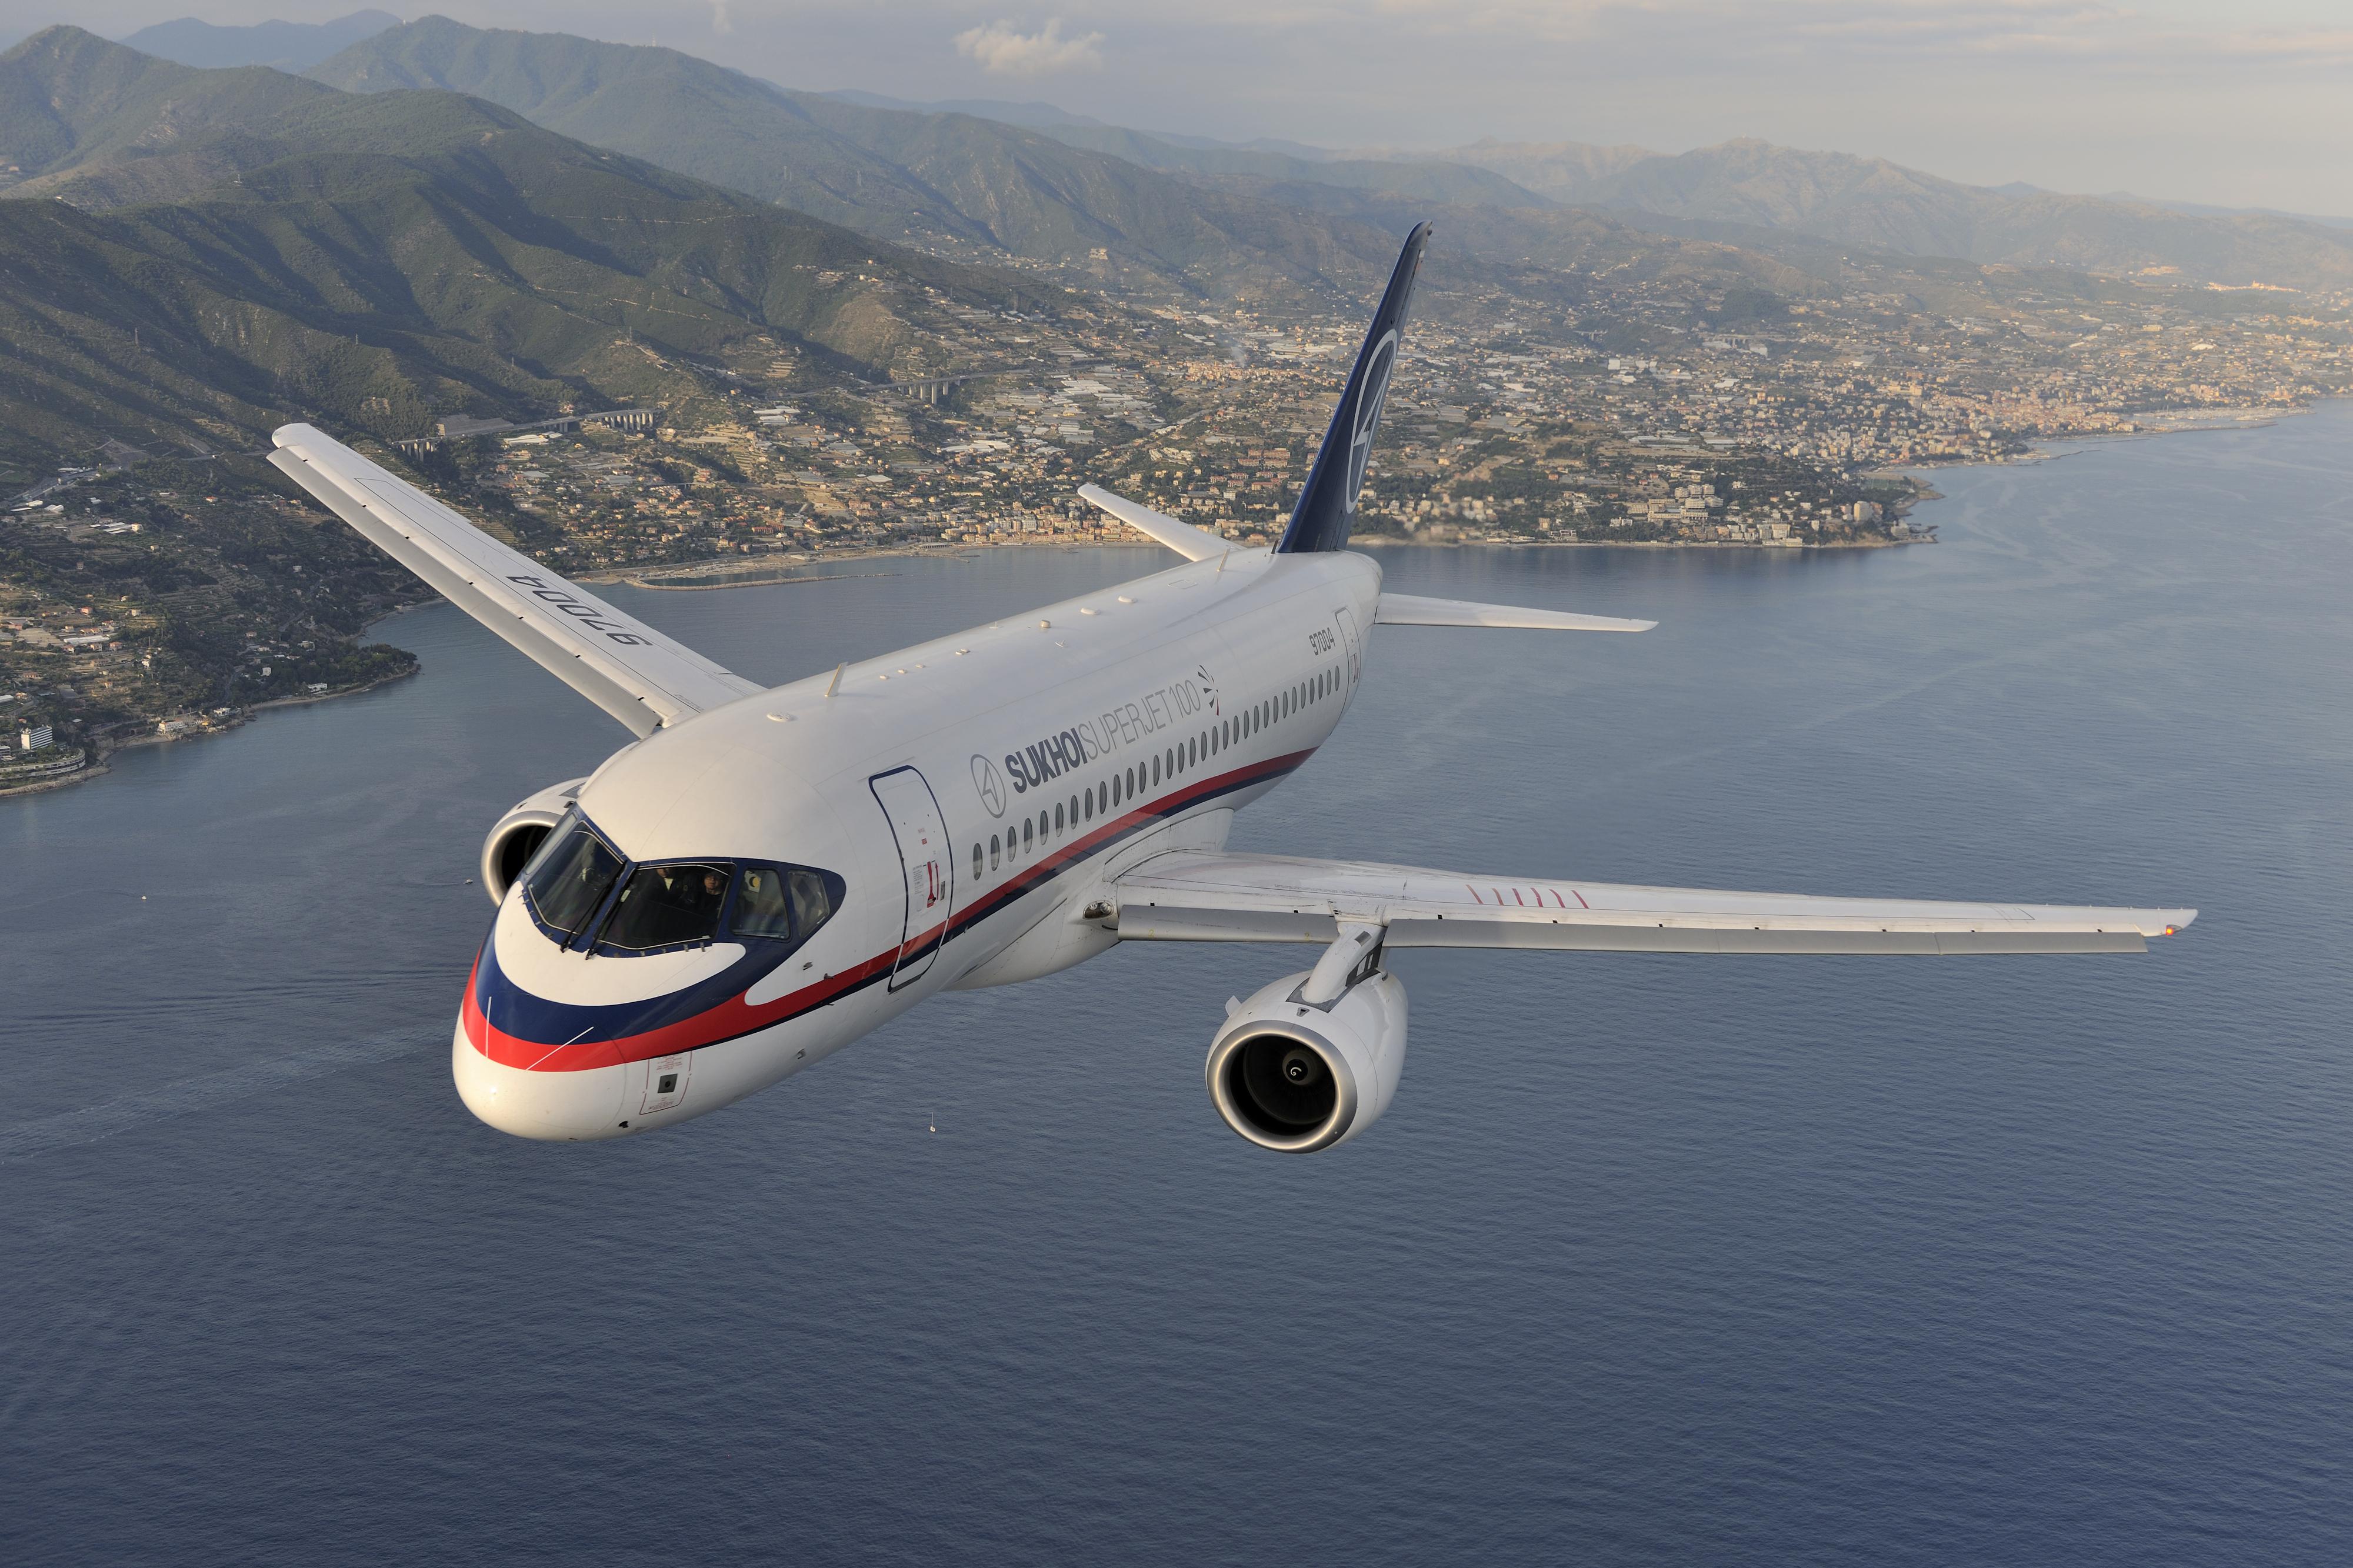 Курянам предлагают летать в Симферополь на Sukhoi Superjet 100